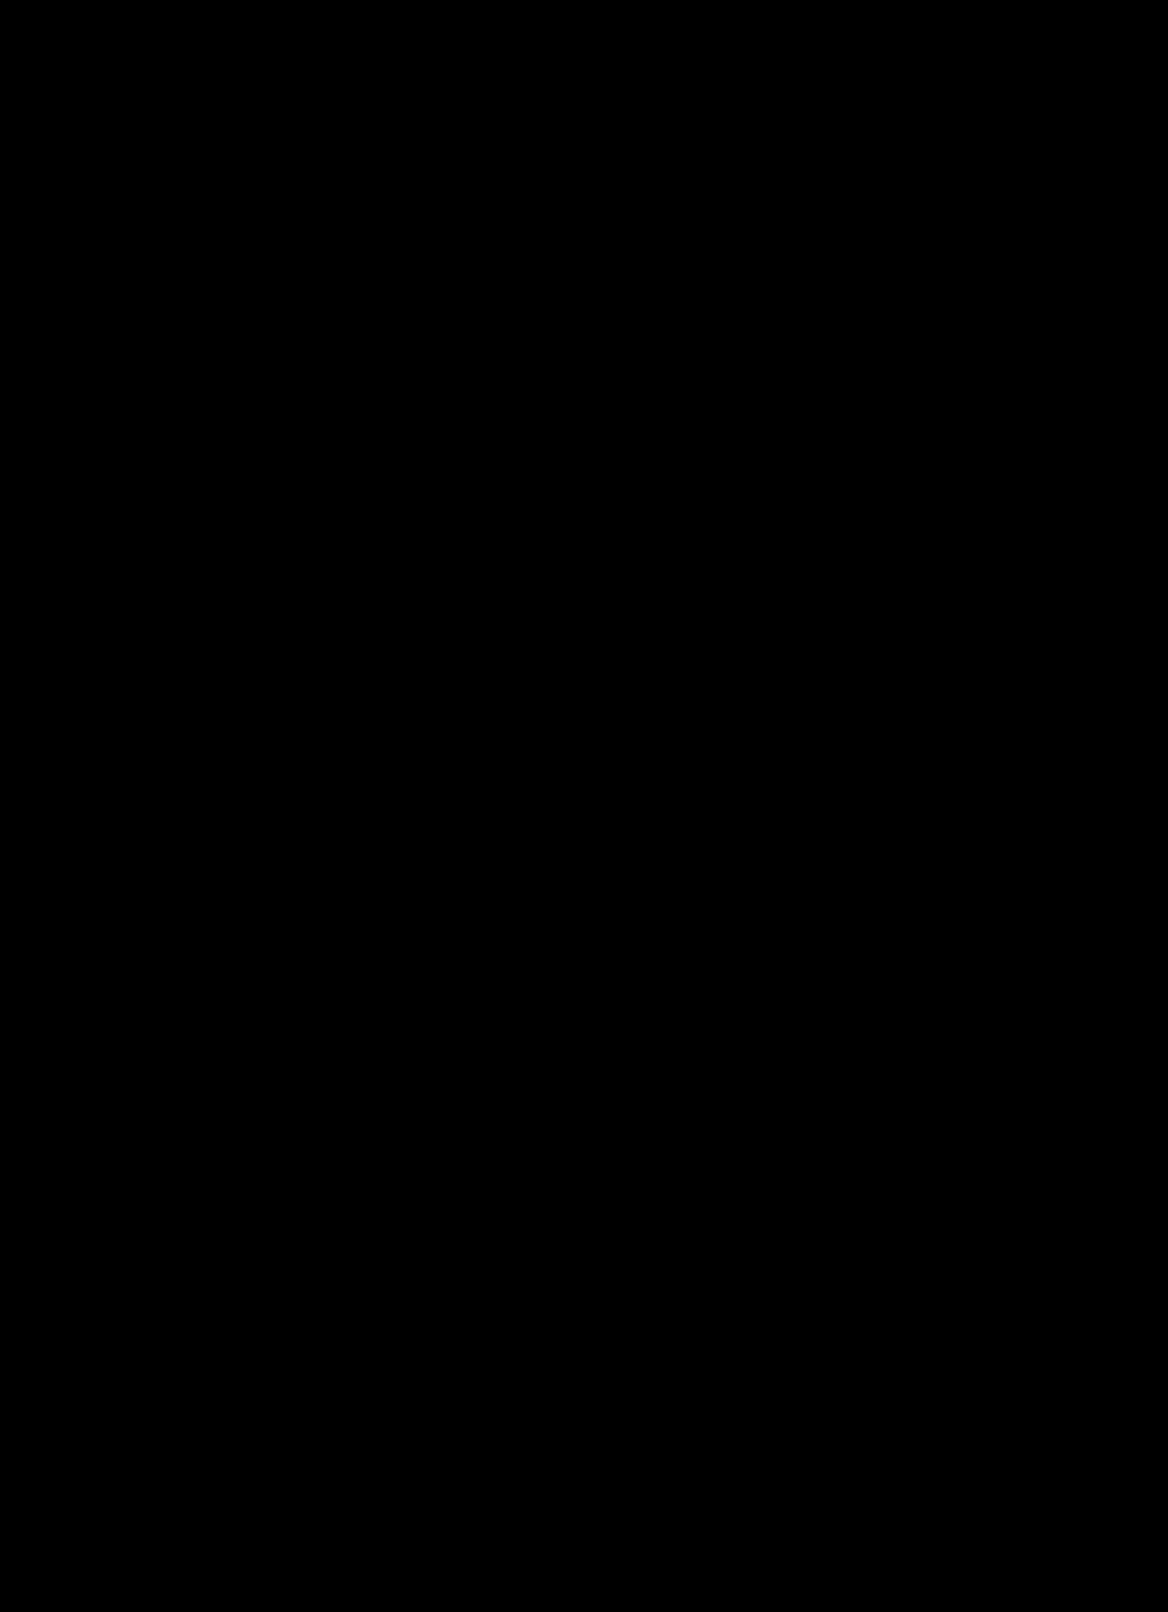 一类函数积分的微分算子法与公式法